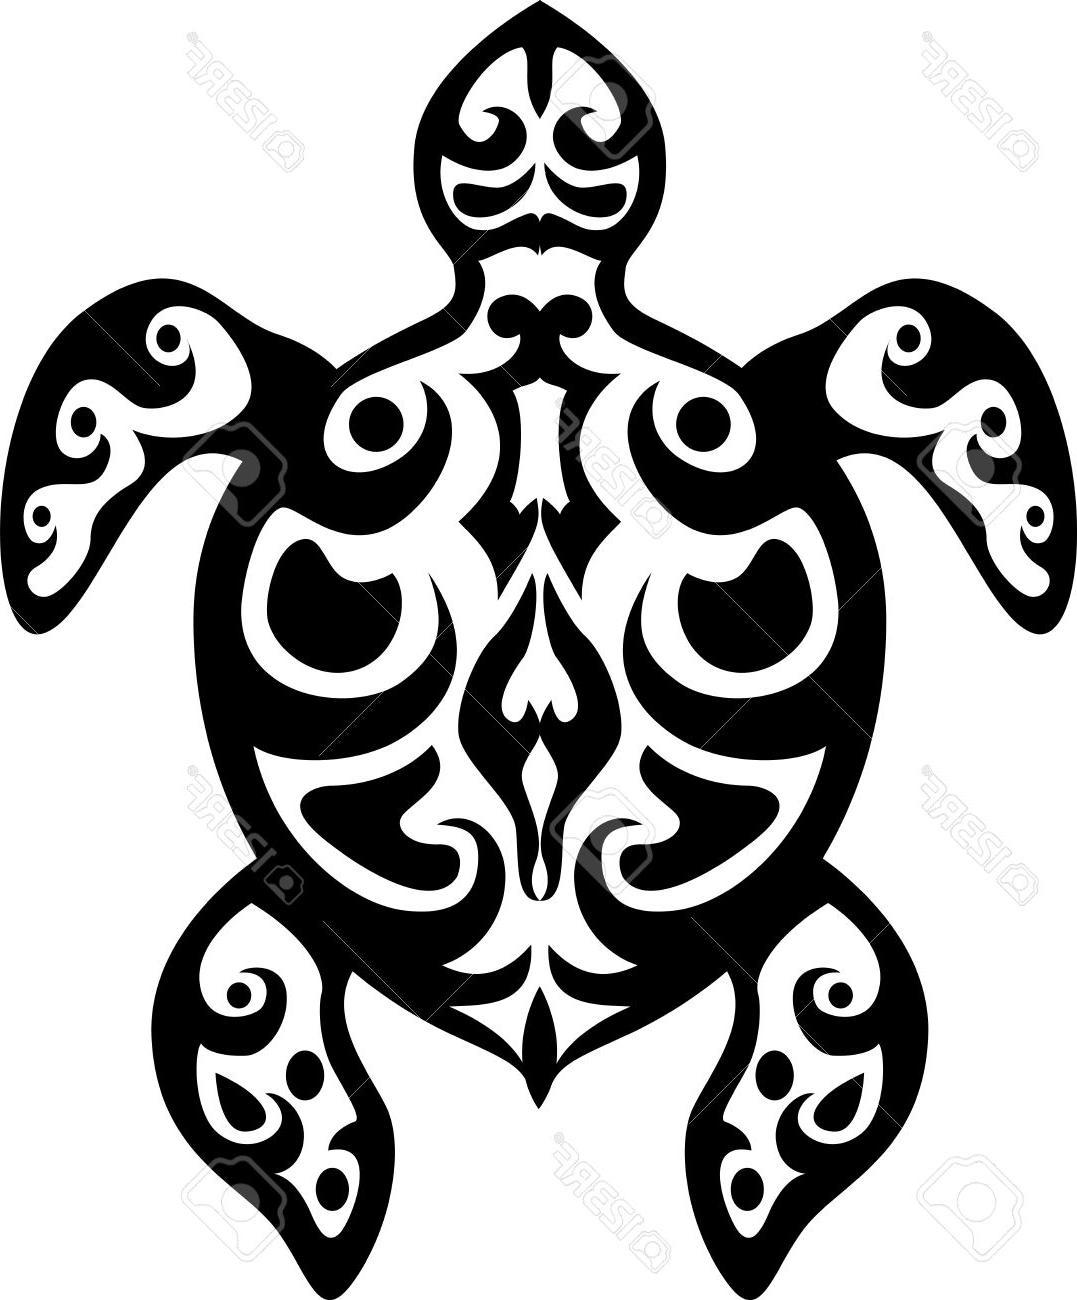 Sea Turtle Clipart Black And White